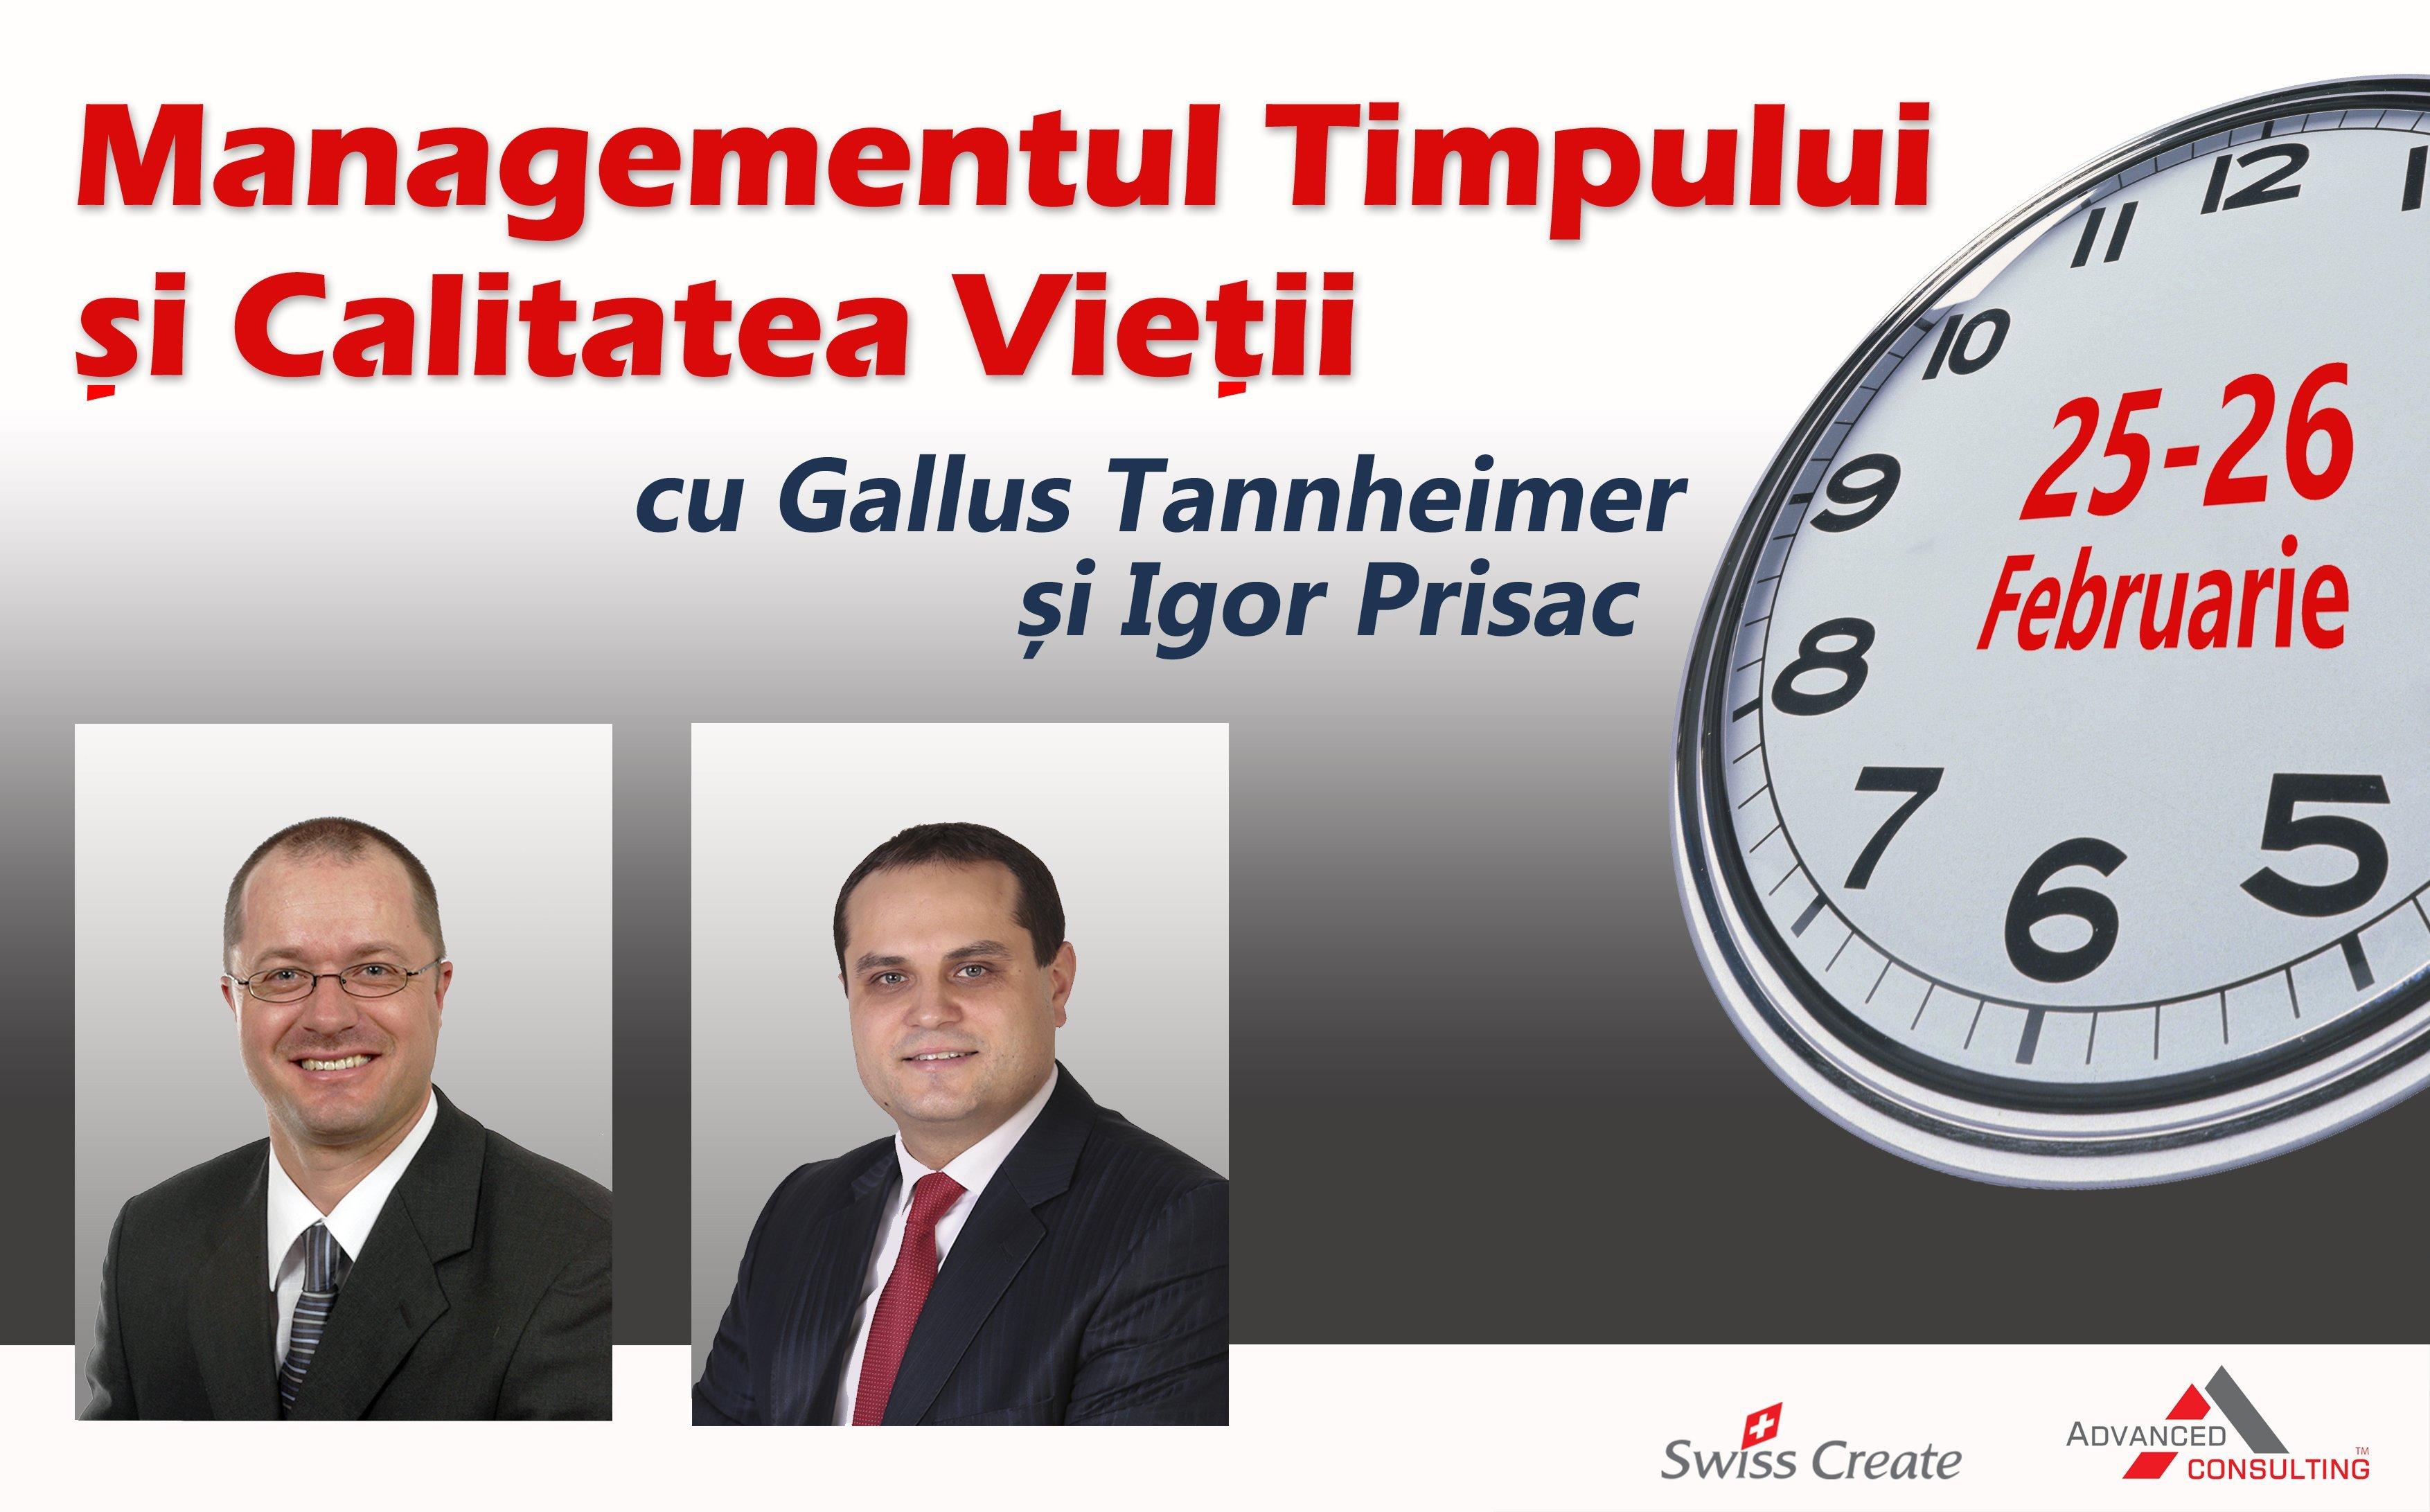 Managementul Timpului cu Gallus Tannheimer si Igor Prisac